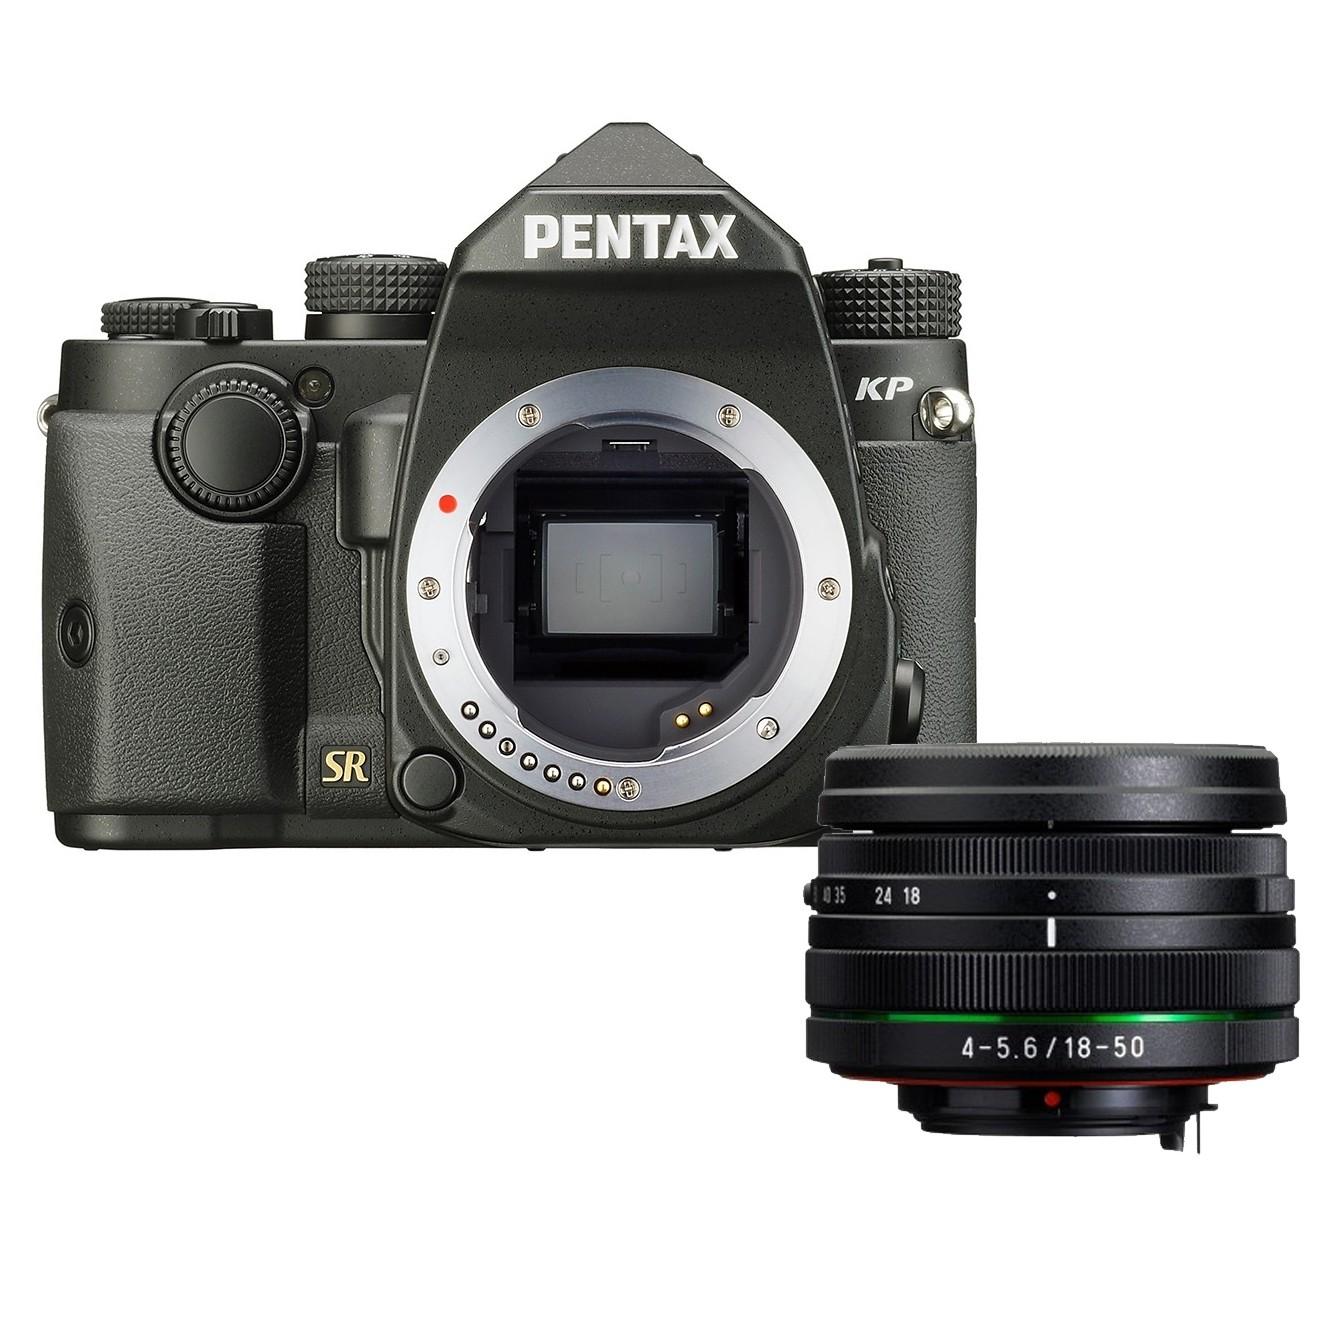 KP BLACK + 18-50mm f/4-5.6